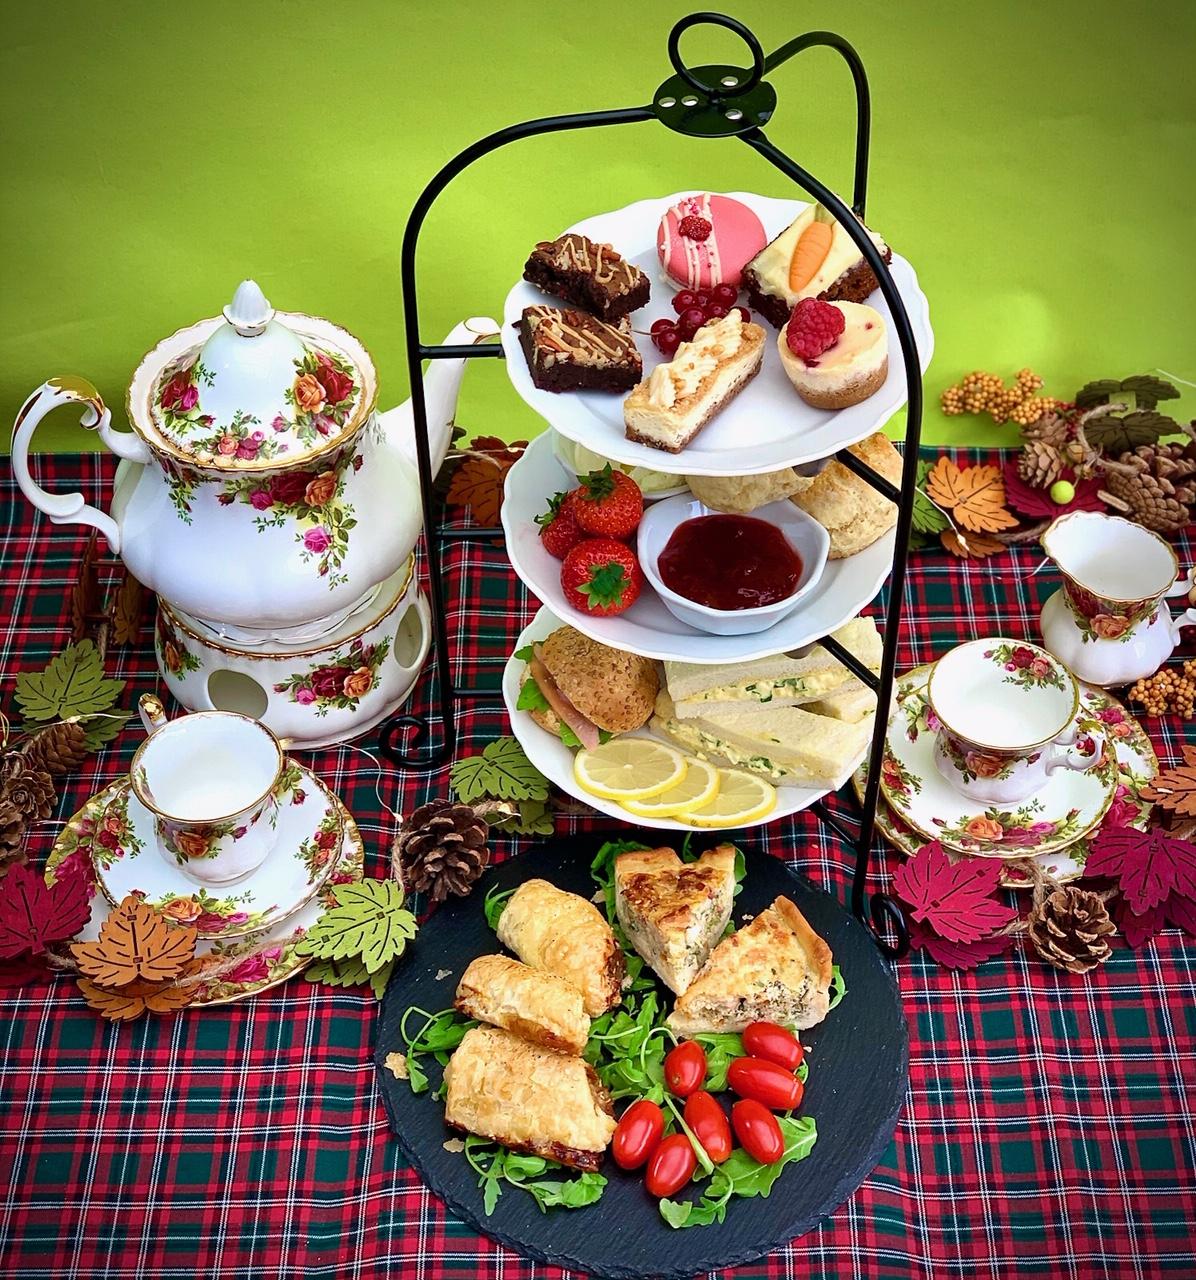 decorative high tea